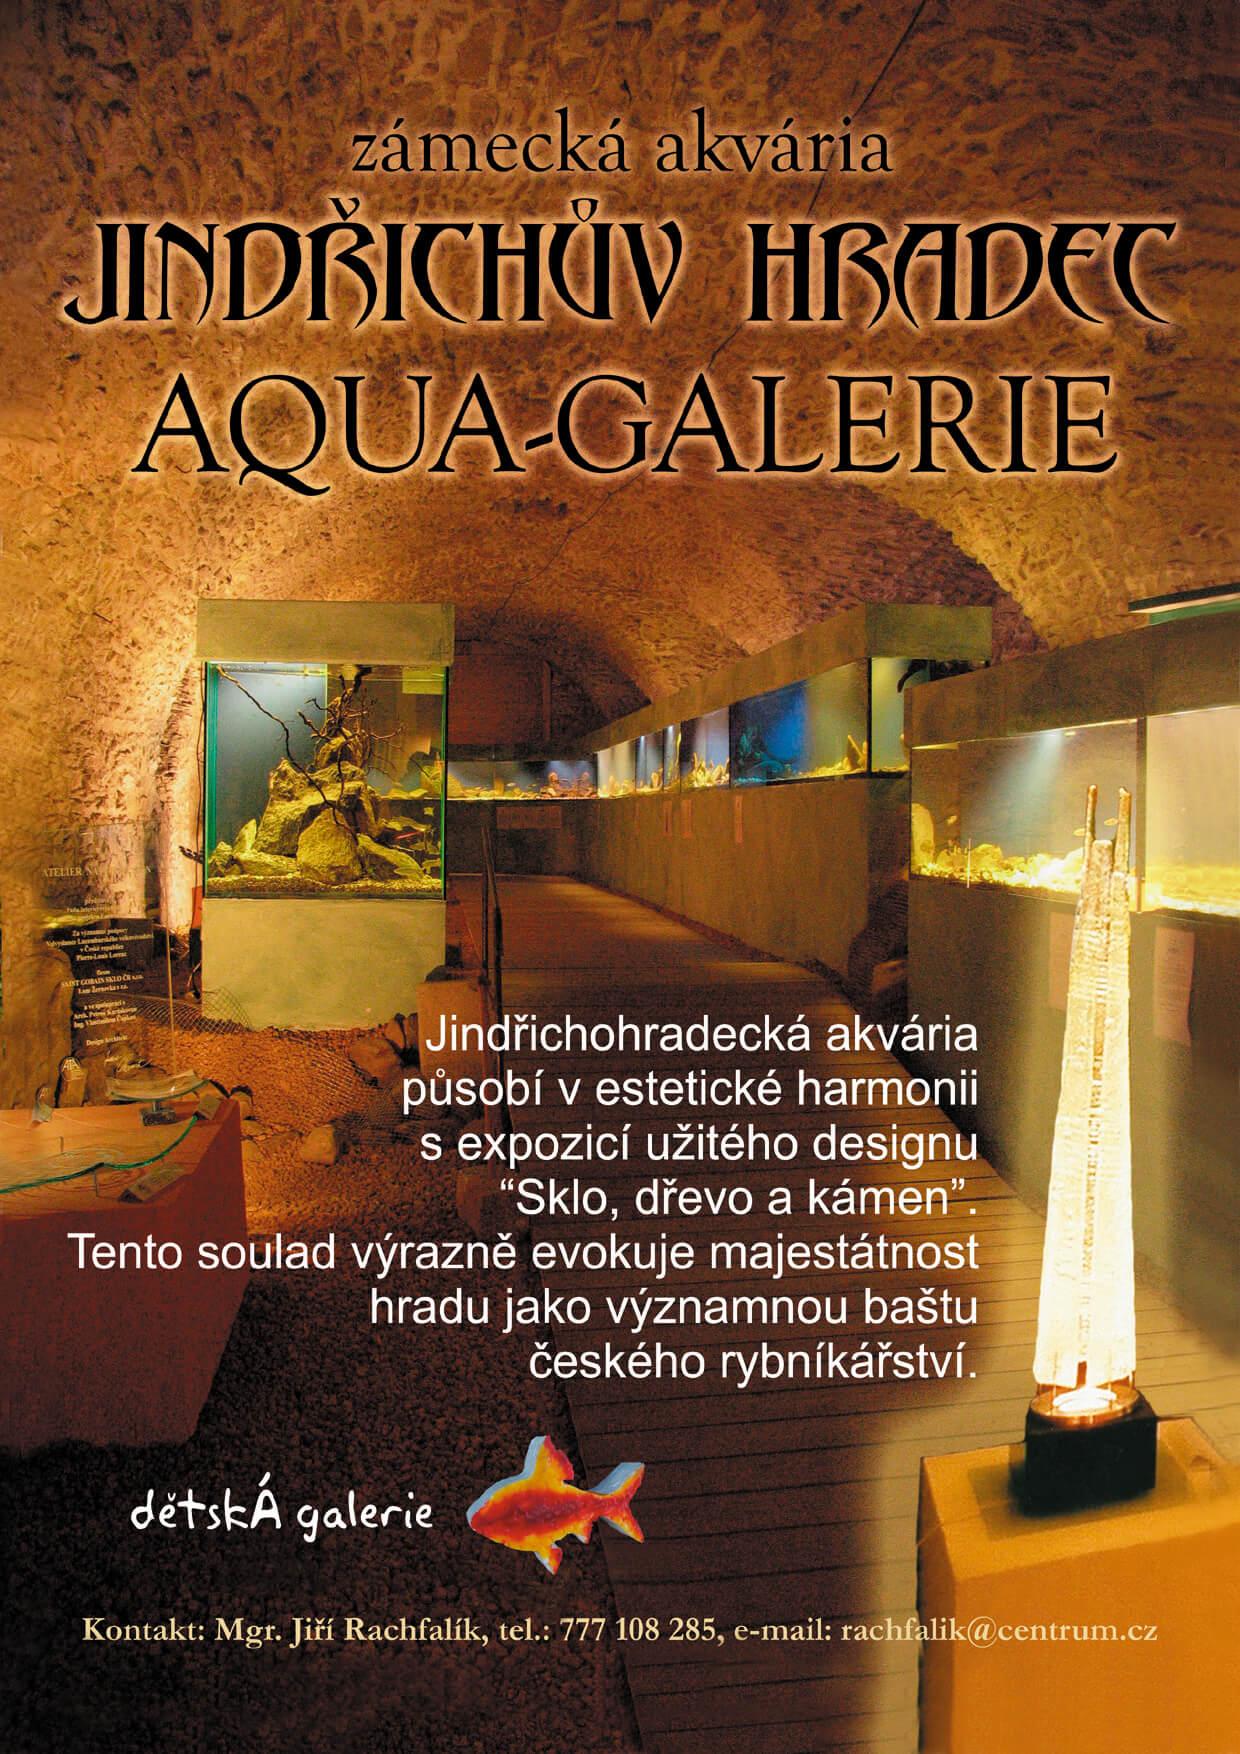 Akvárium Pod hladinou Vltavy leták